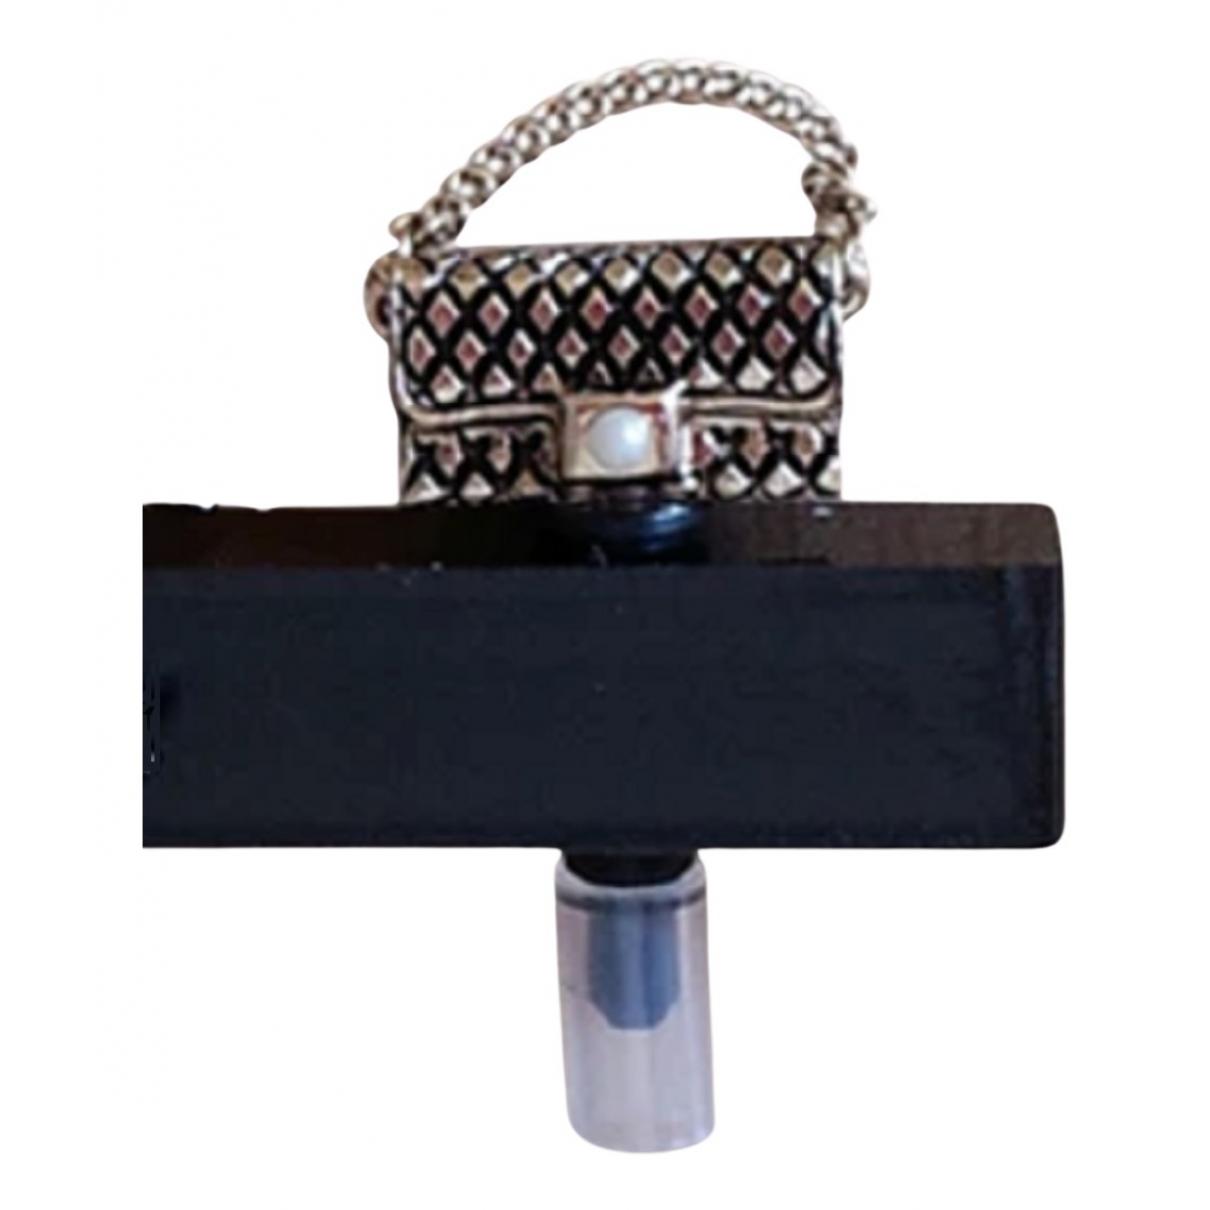 Chanel - Accessoires   pour lifestyle en metal - multicolore